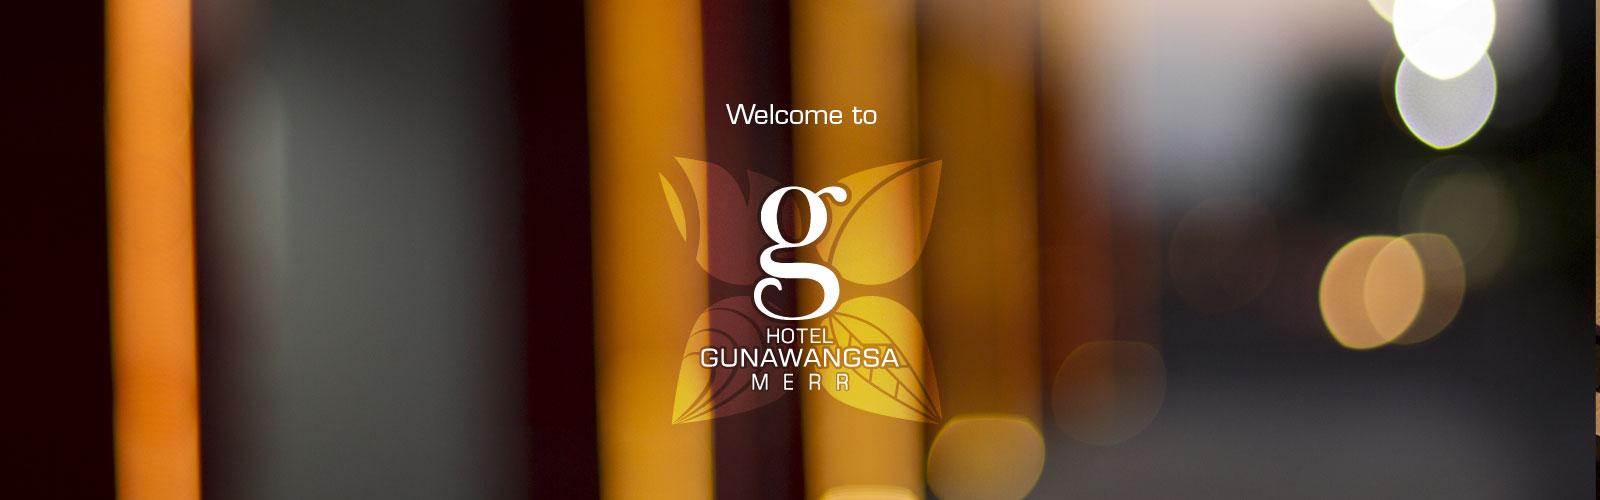 Gunawangsa-Mer-Hotel-Banner-update1